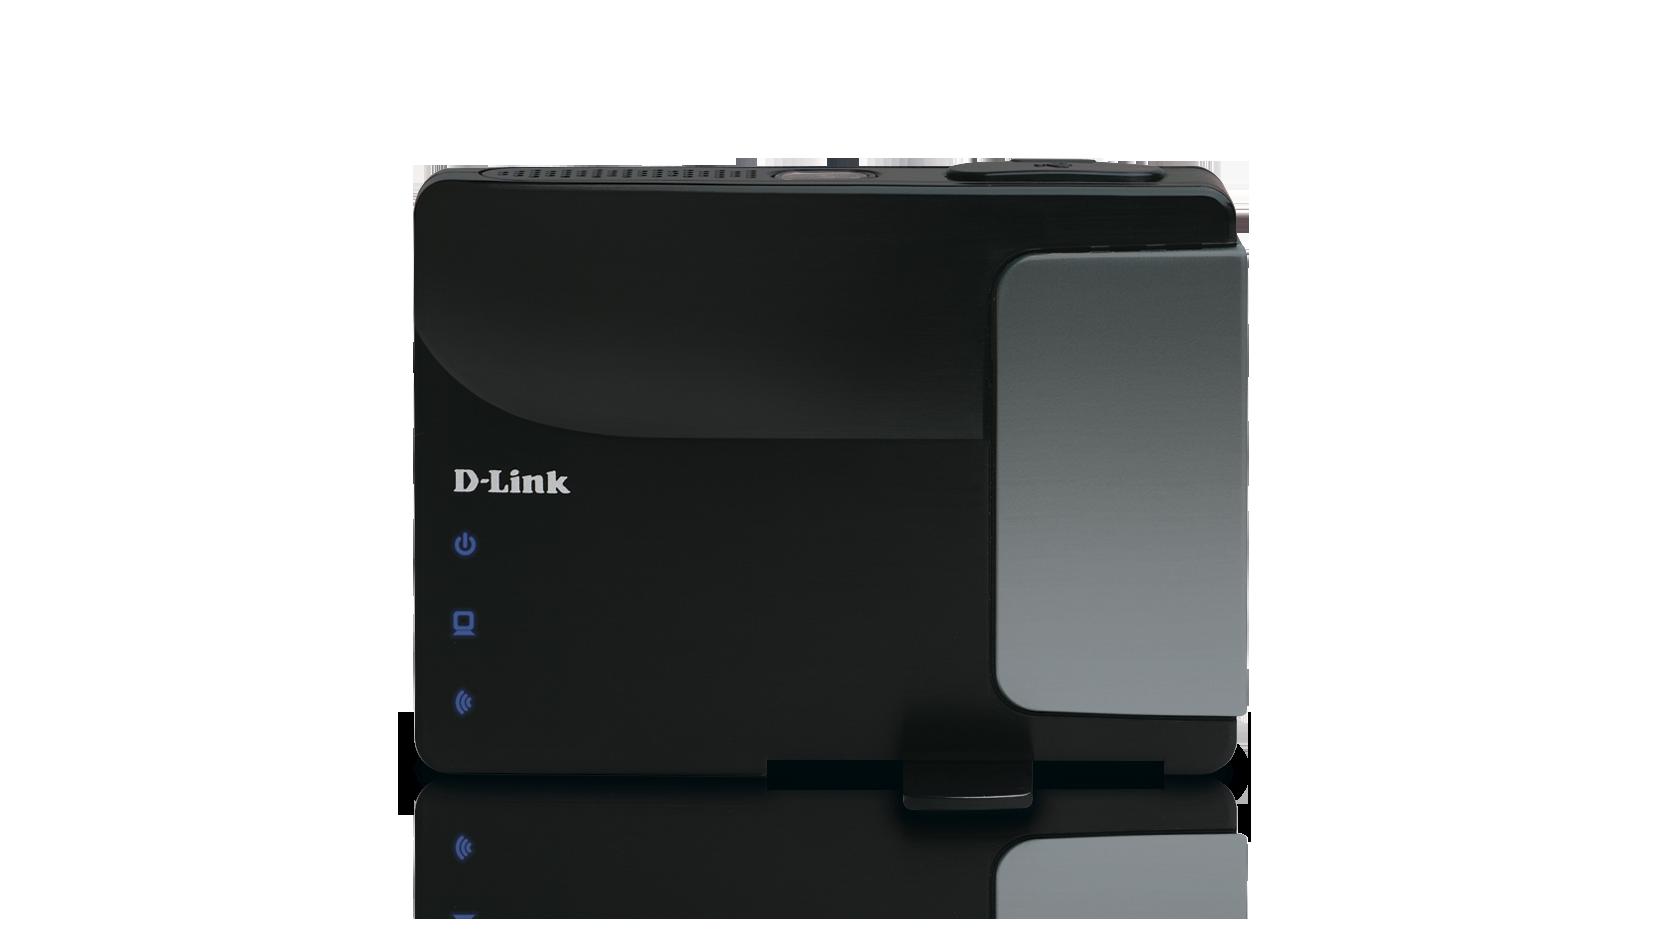 D-LINK WIRELESS-N POCKET ACCESS POINT DAP-1350